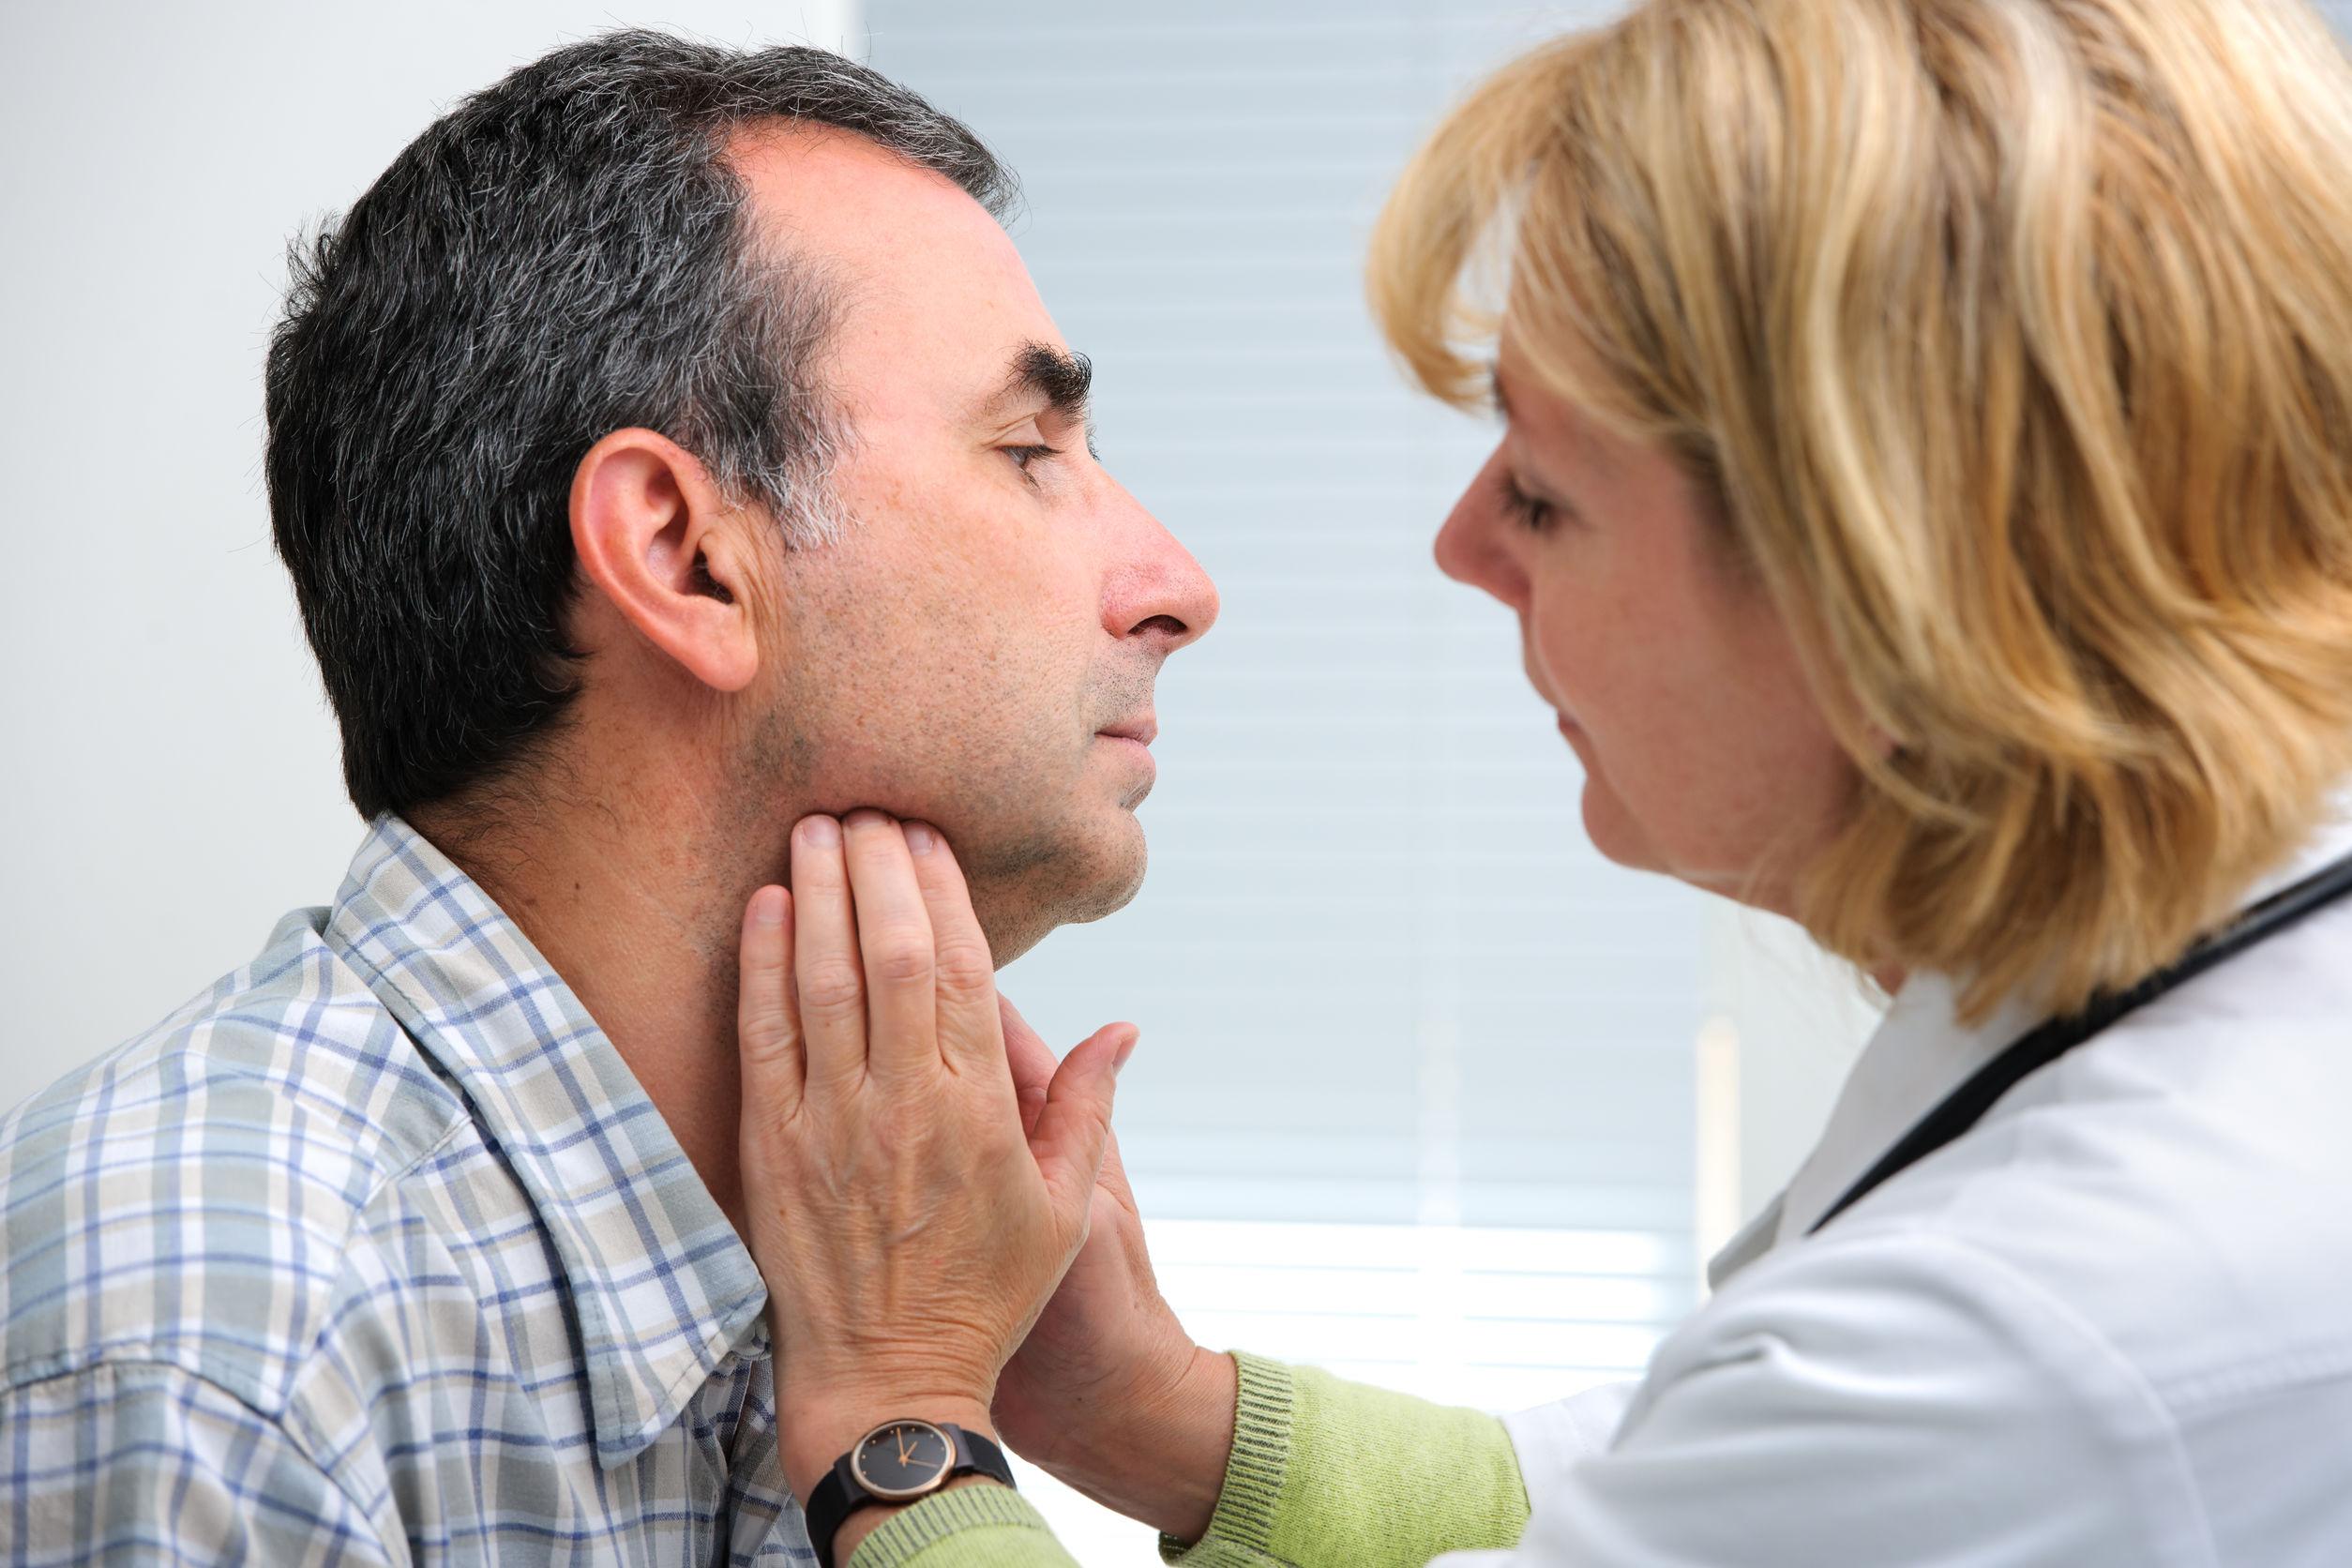 Nyirokcsomó duzzanat   A megnagyobbodás oka, kezelése